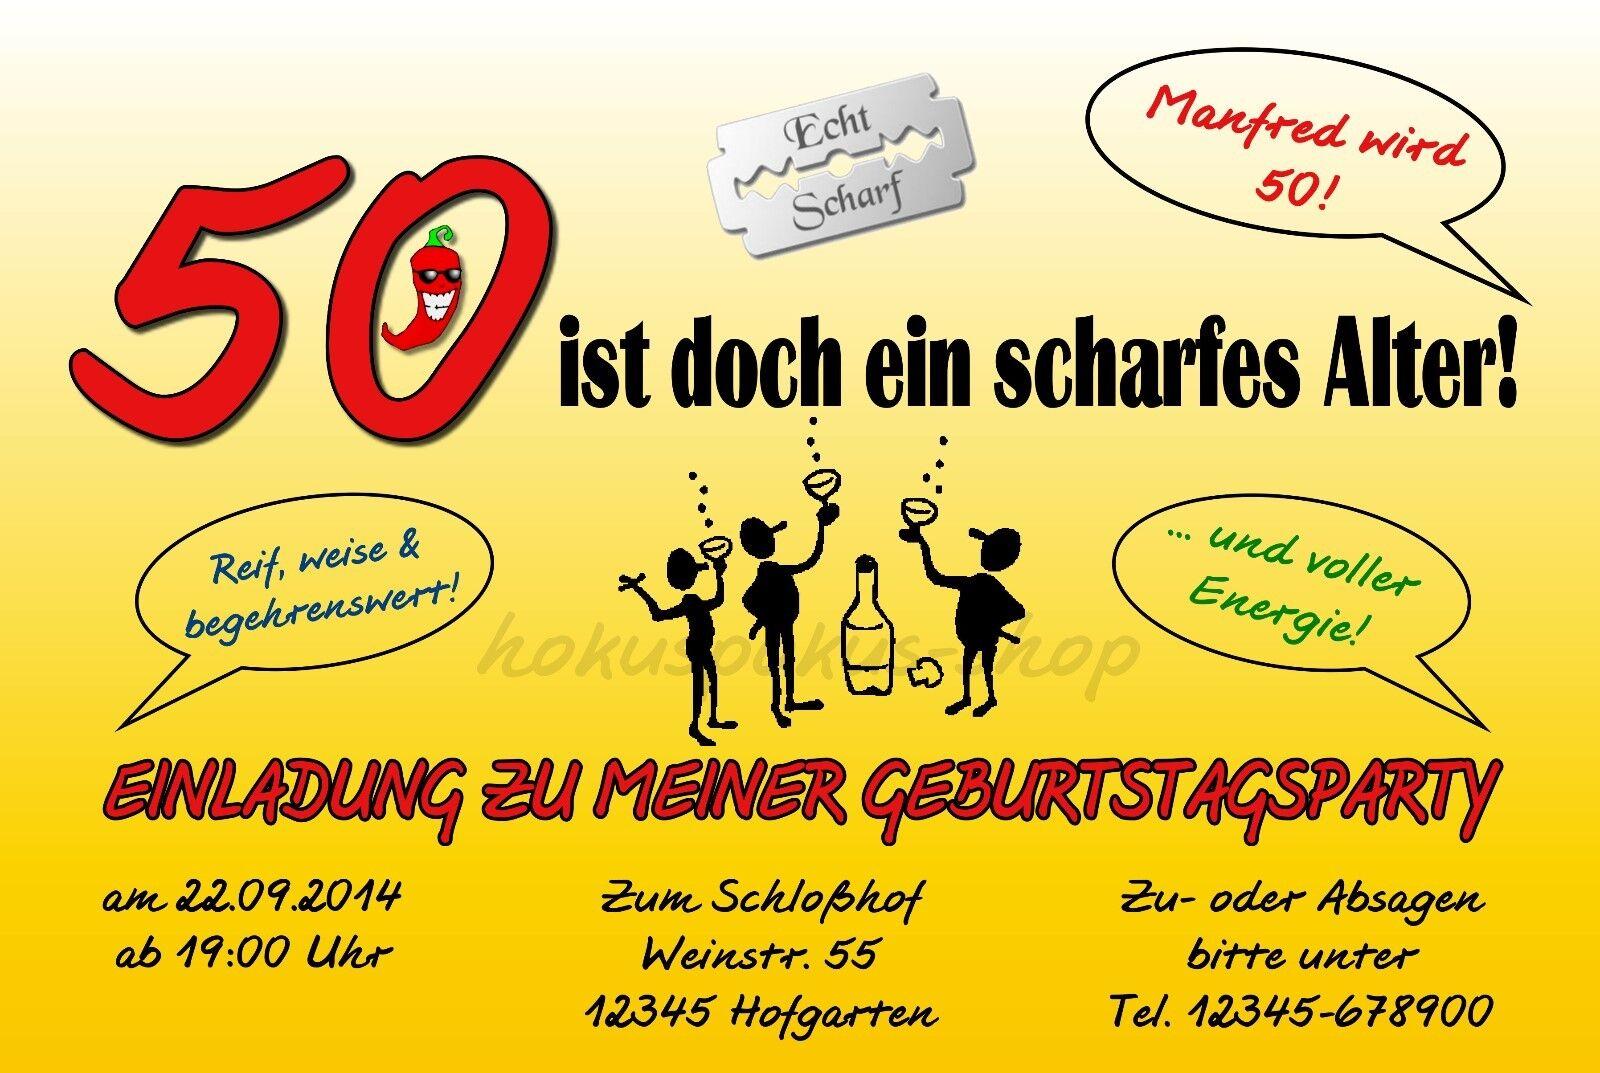 50 Geburtstag Karte Lustig.Scharfes Einladungskarten Lustige 50 Geburtstag Alter Alter